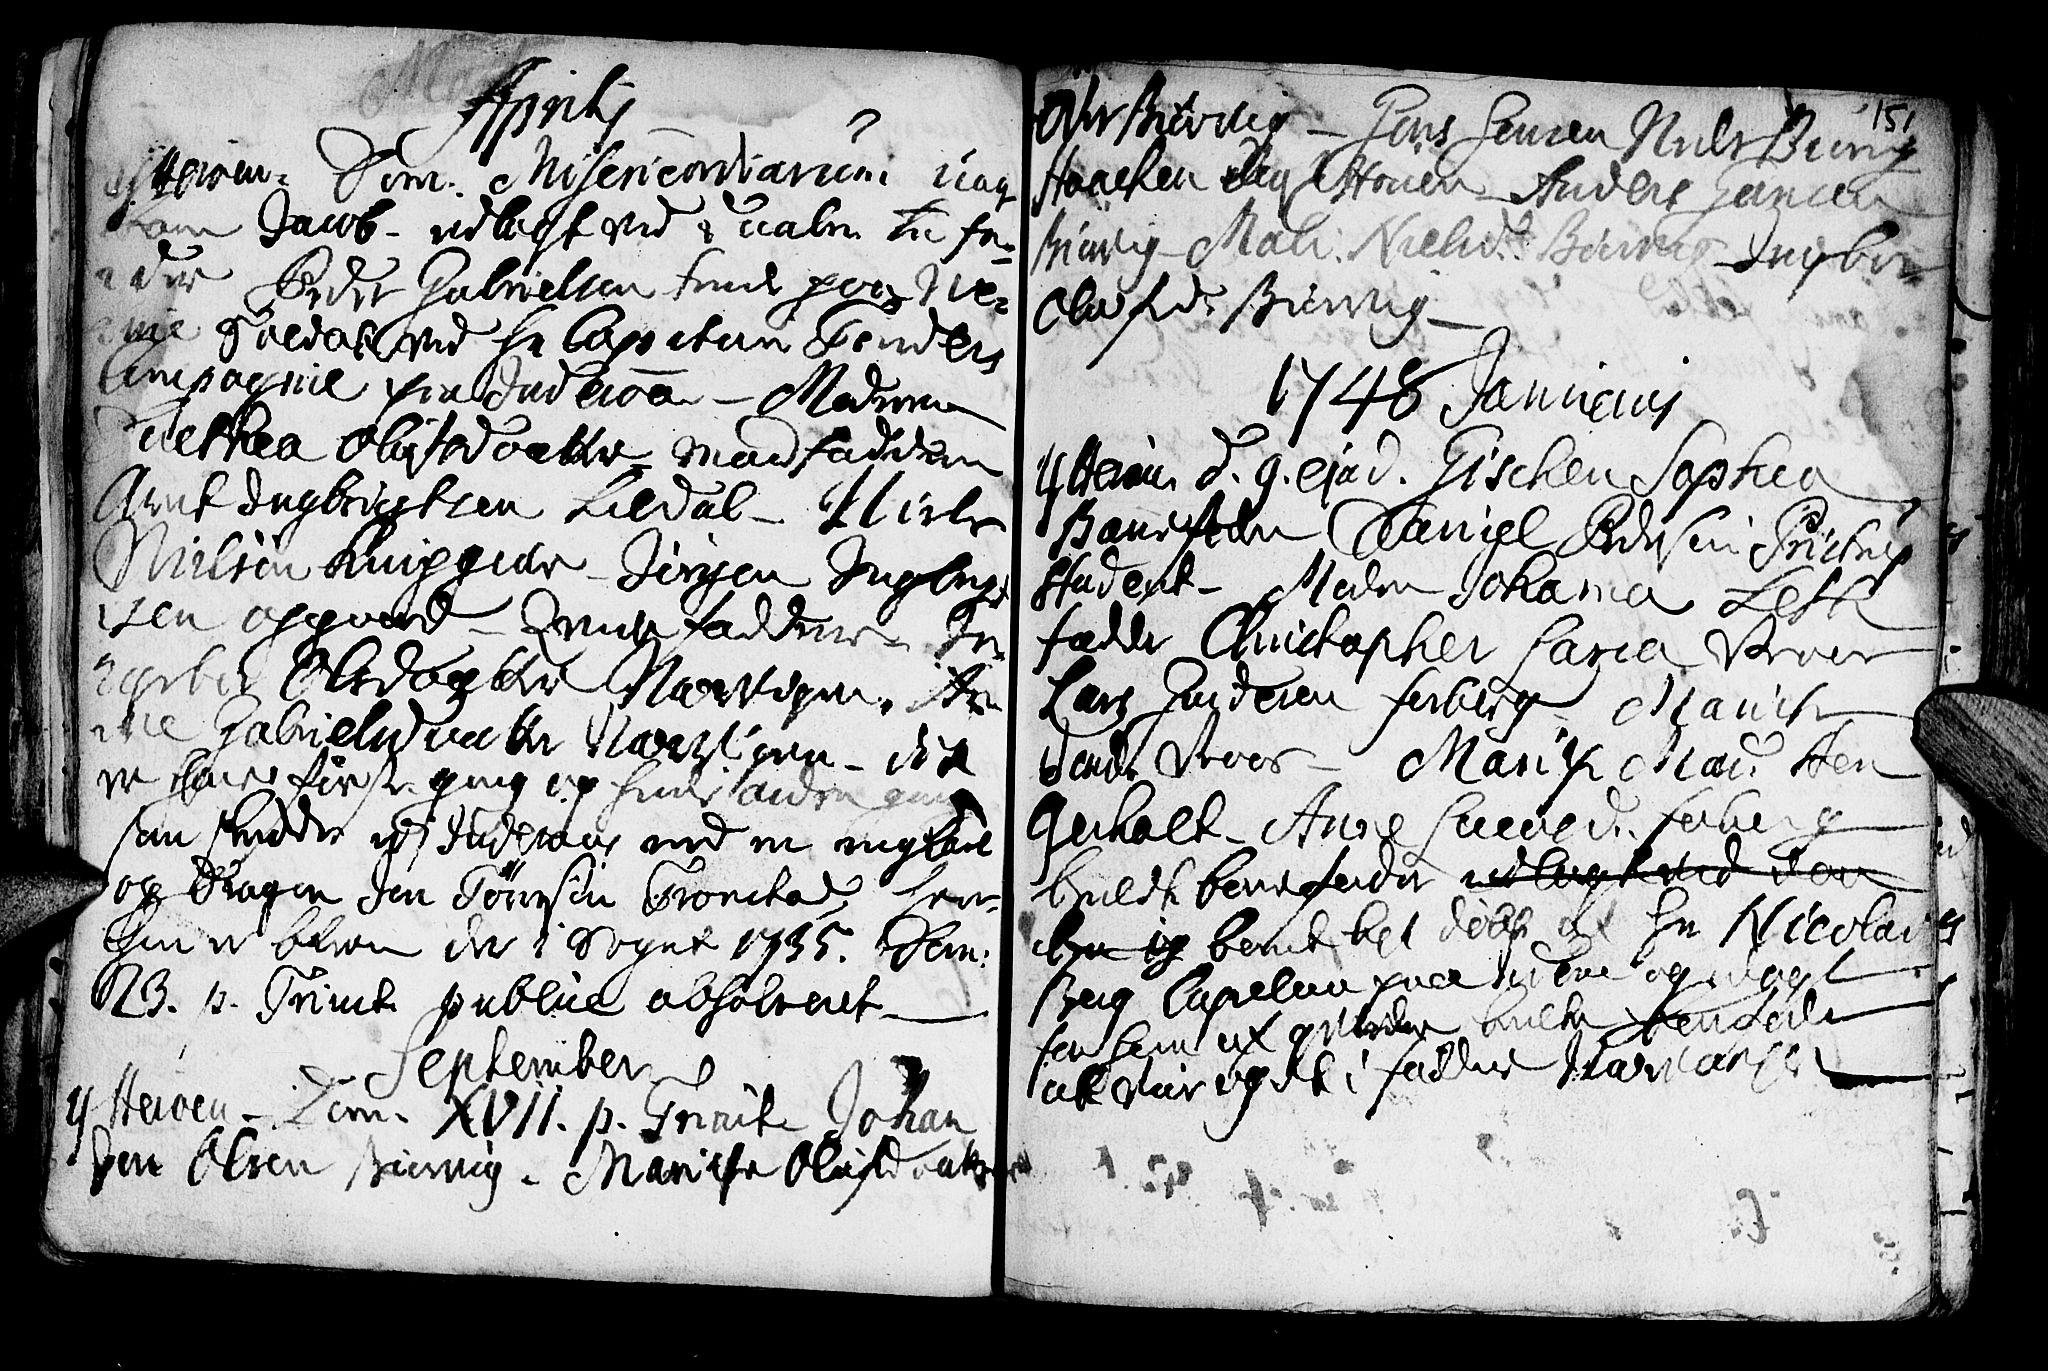 SAT, Ministerialprotokoller, klokkerbøker og fødselsregistre - Nord-Trøndelag, 722/L0215: Ministerialbok nr. 722A02, 1718-1755, s. 151